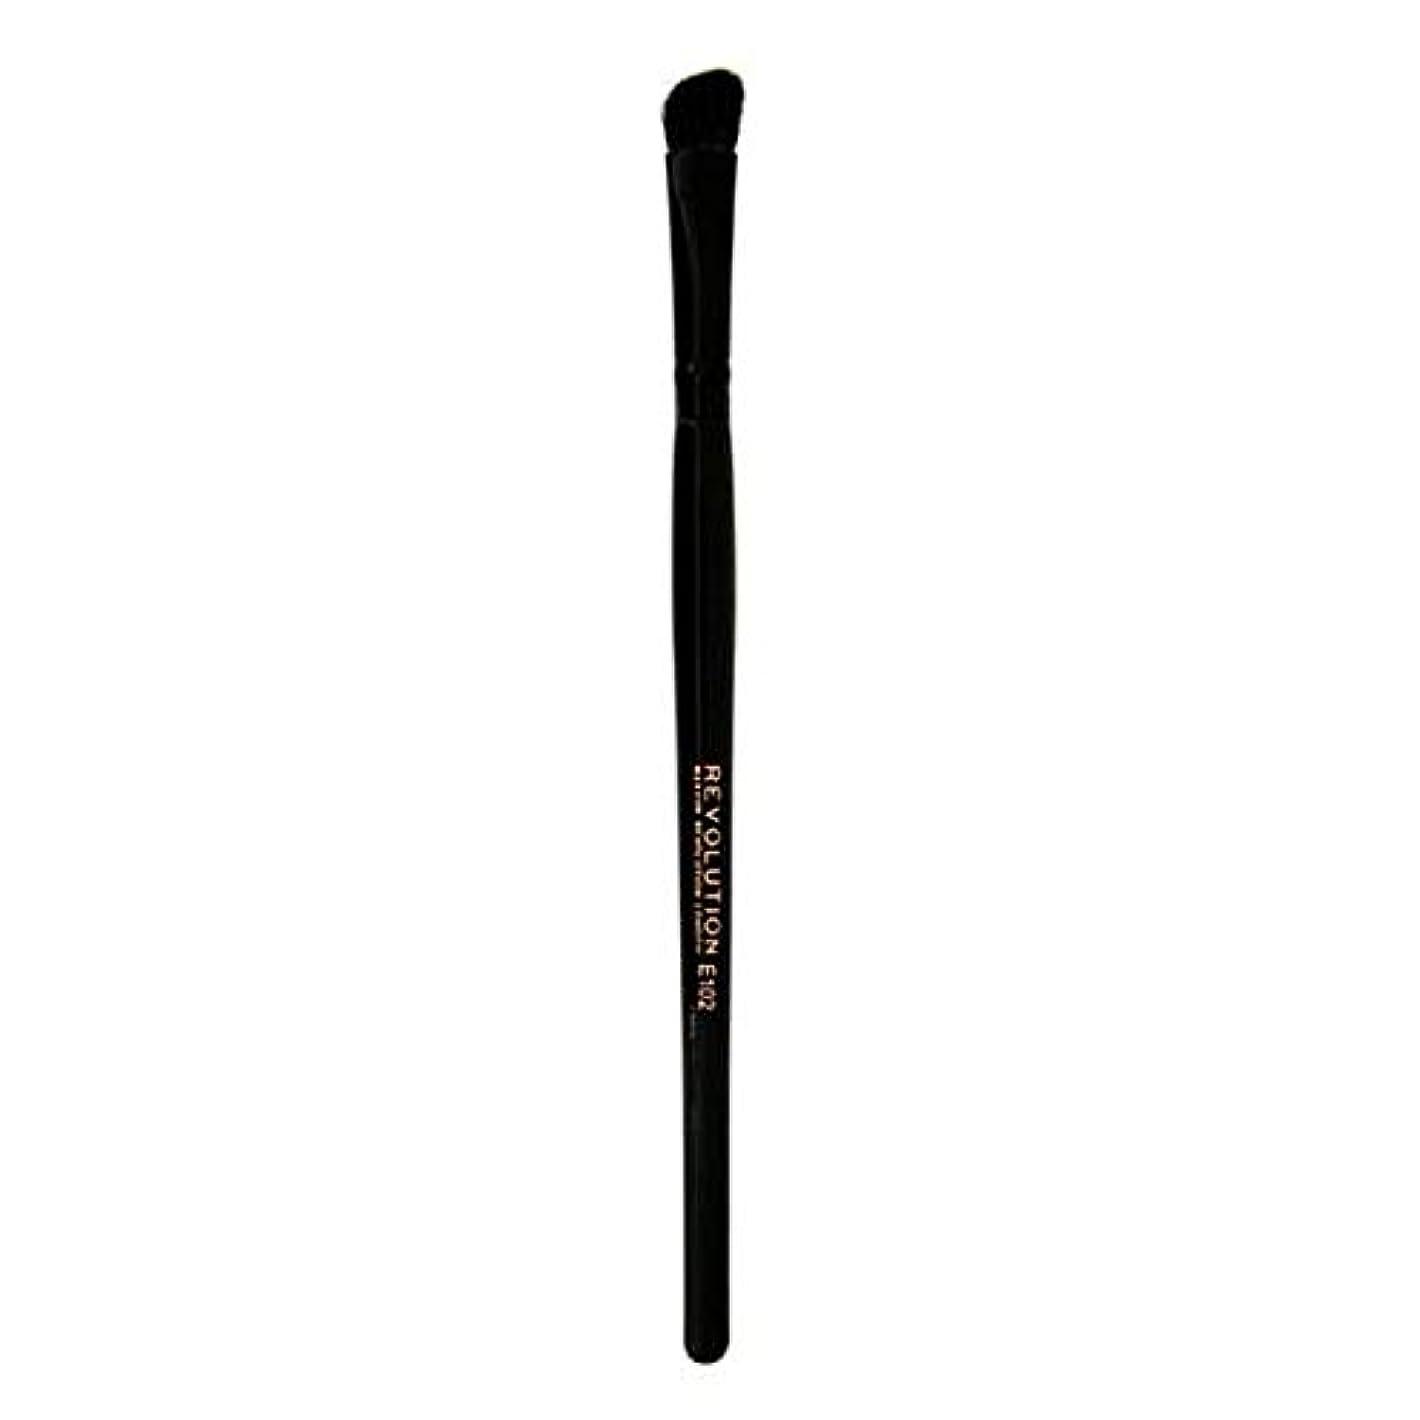 押し下げる背が高いミシン目[Revolution ] 革命プロE102アイシャドウの輪郭メイクブラシ - Revolution Pro E102 Eyeshadow Contour Makeup Brush [並行輸入品]